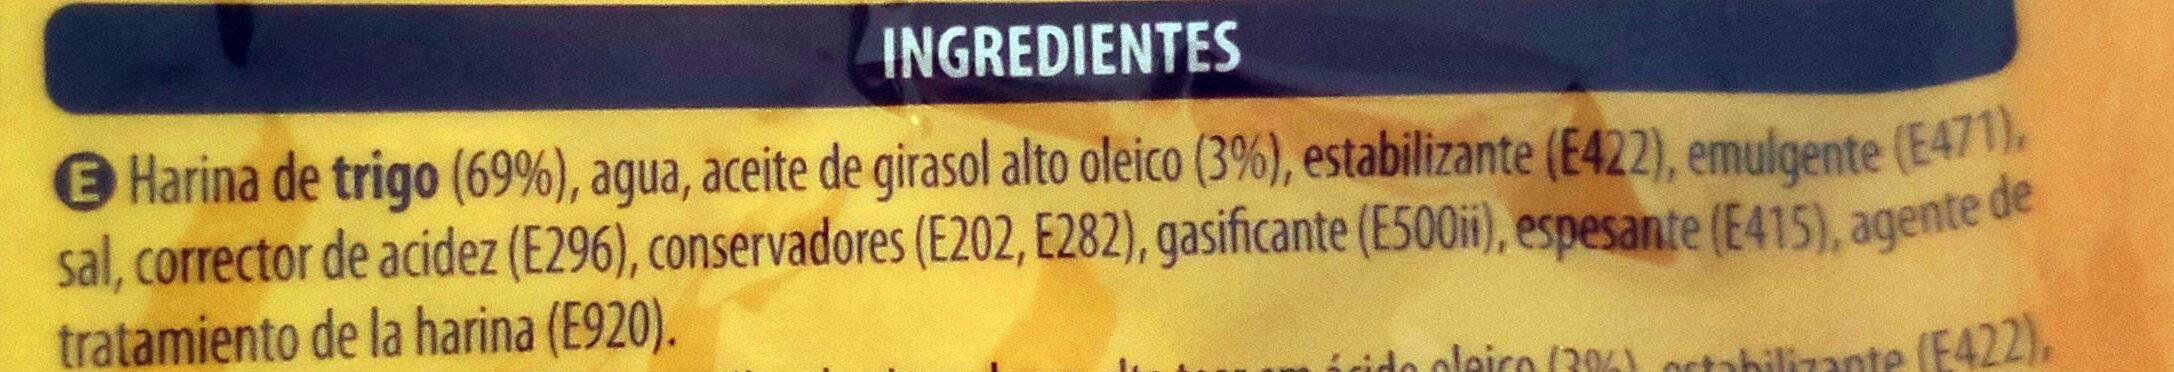 Máxi tortillas - Ingredients - es